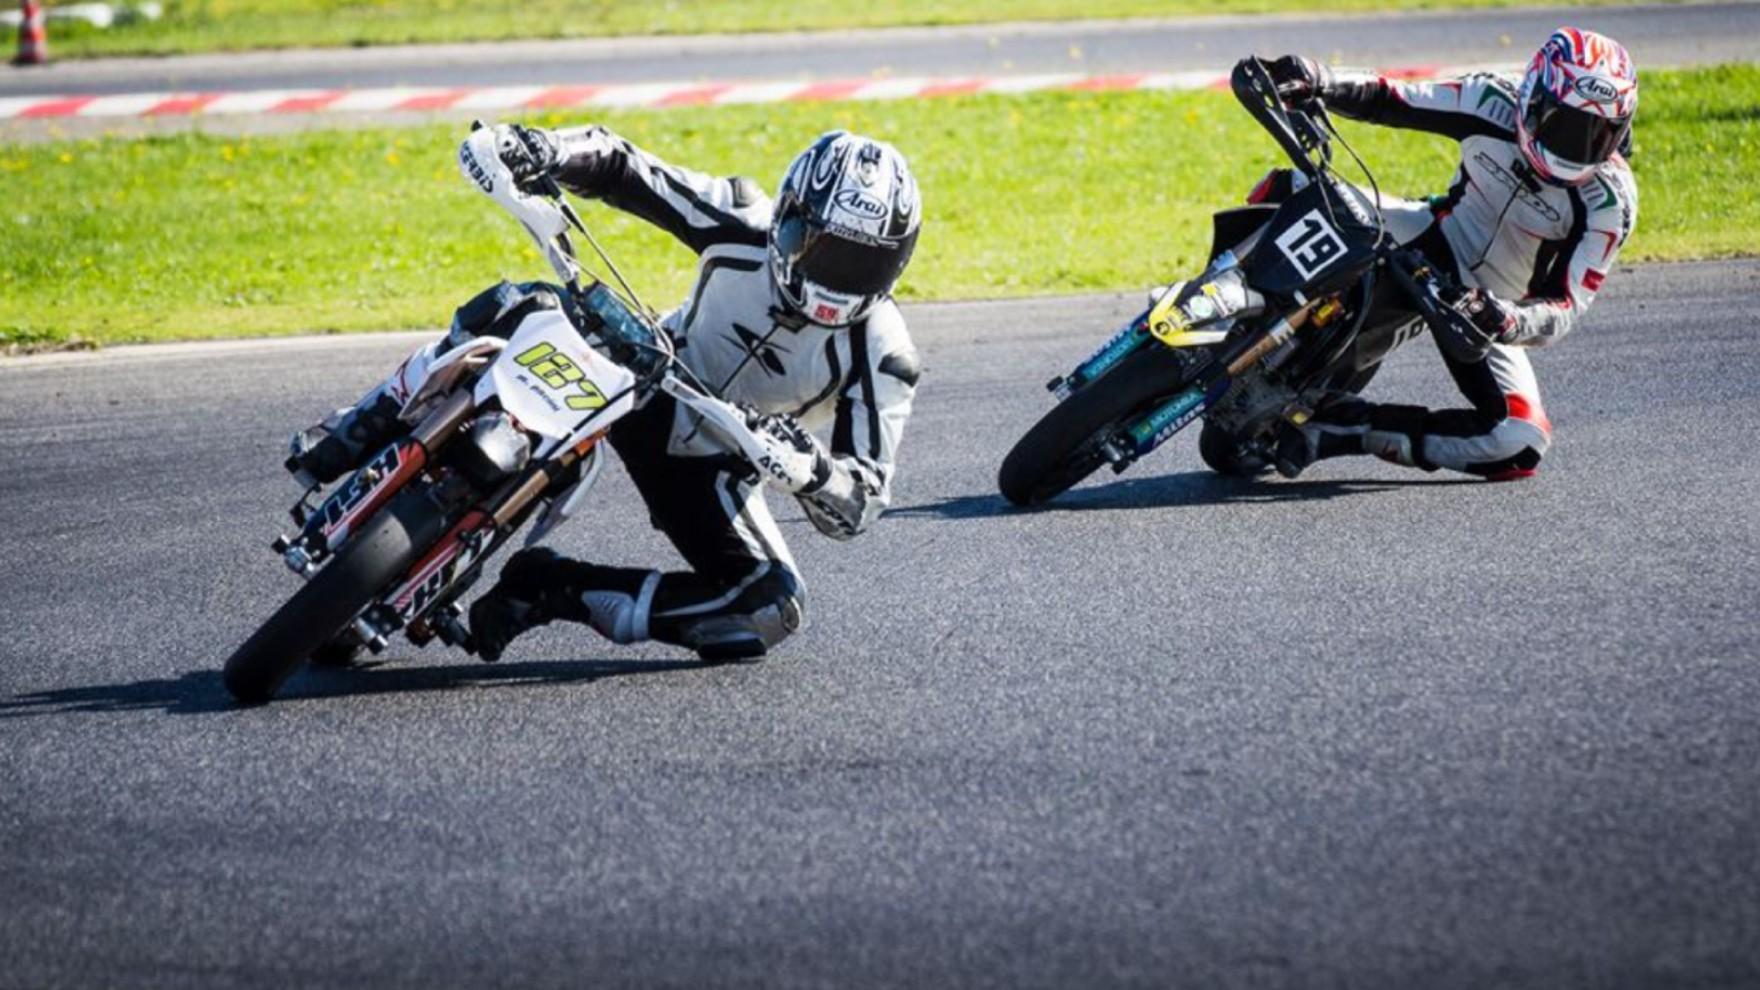 Differenza tra Pitbike e Minicross, intervista a Profive